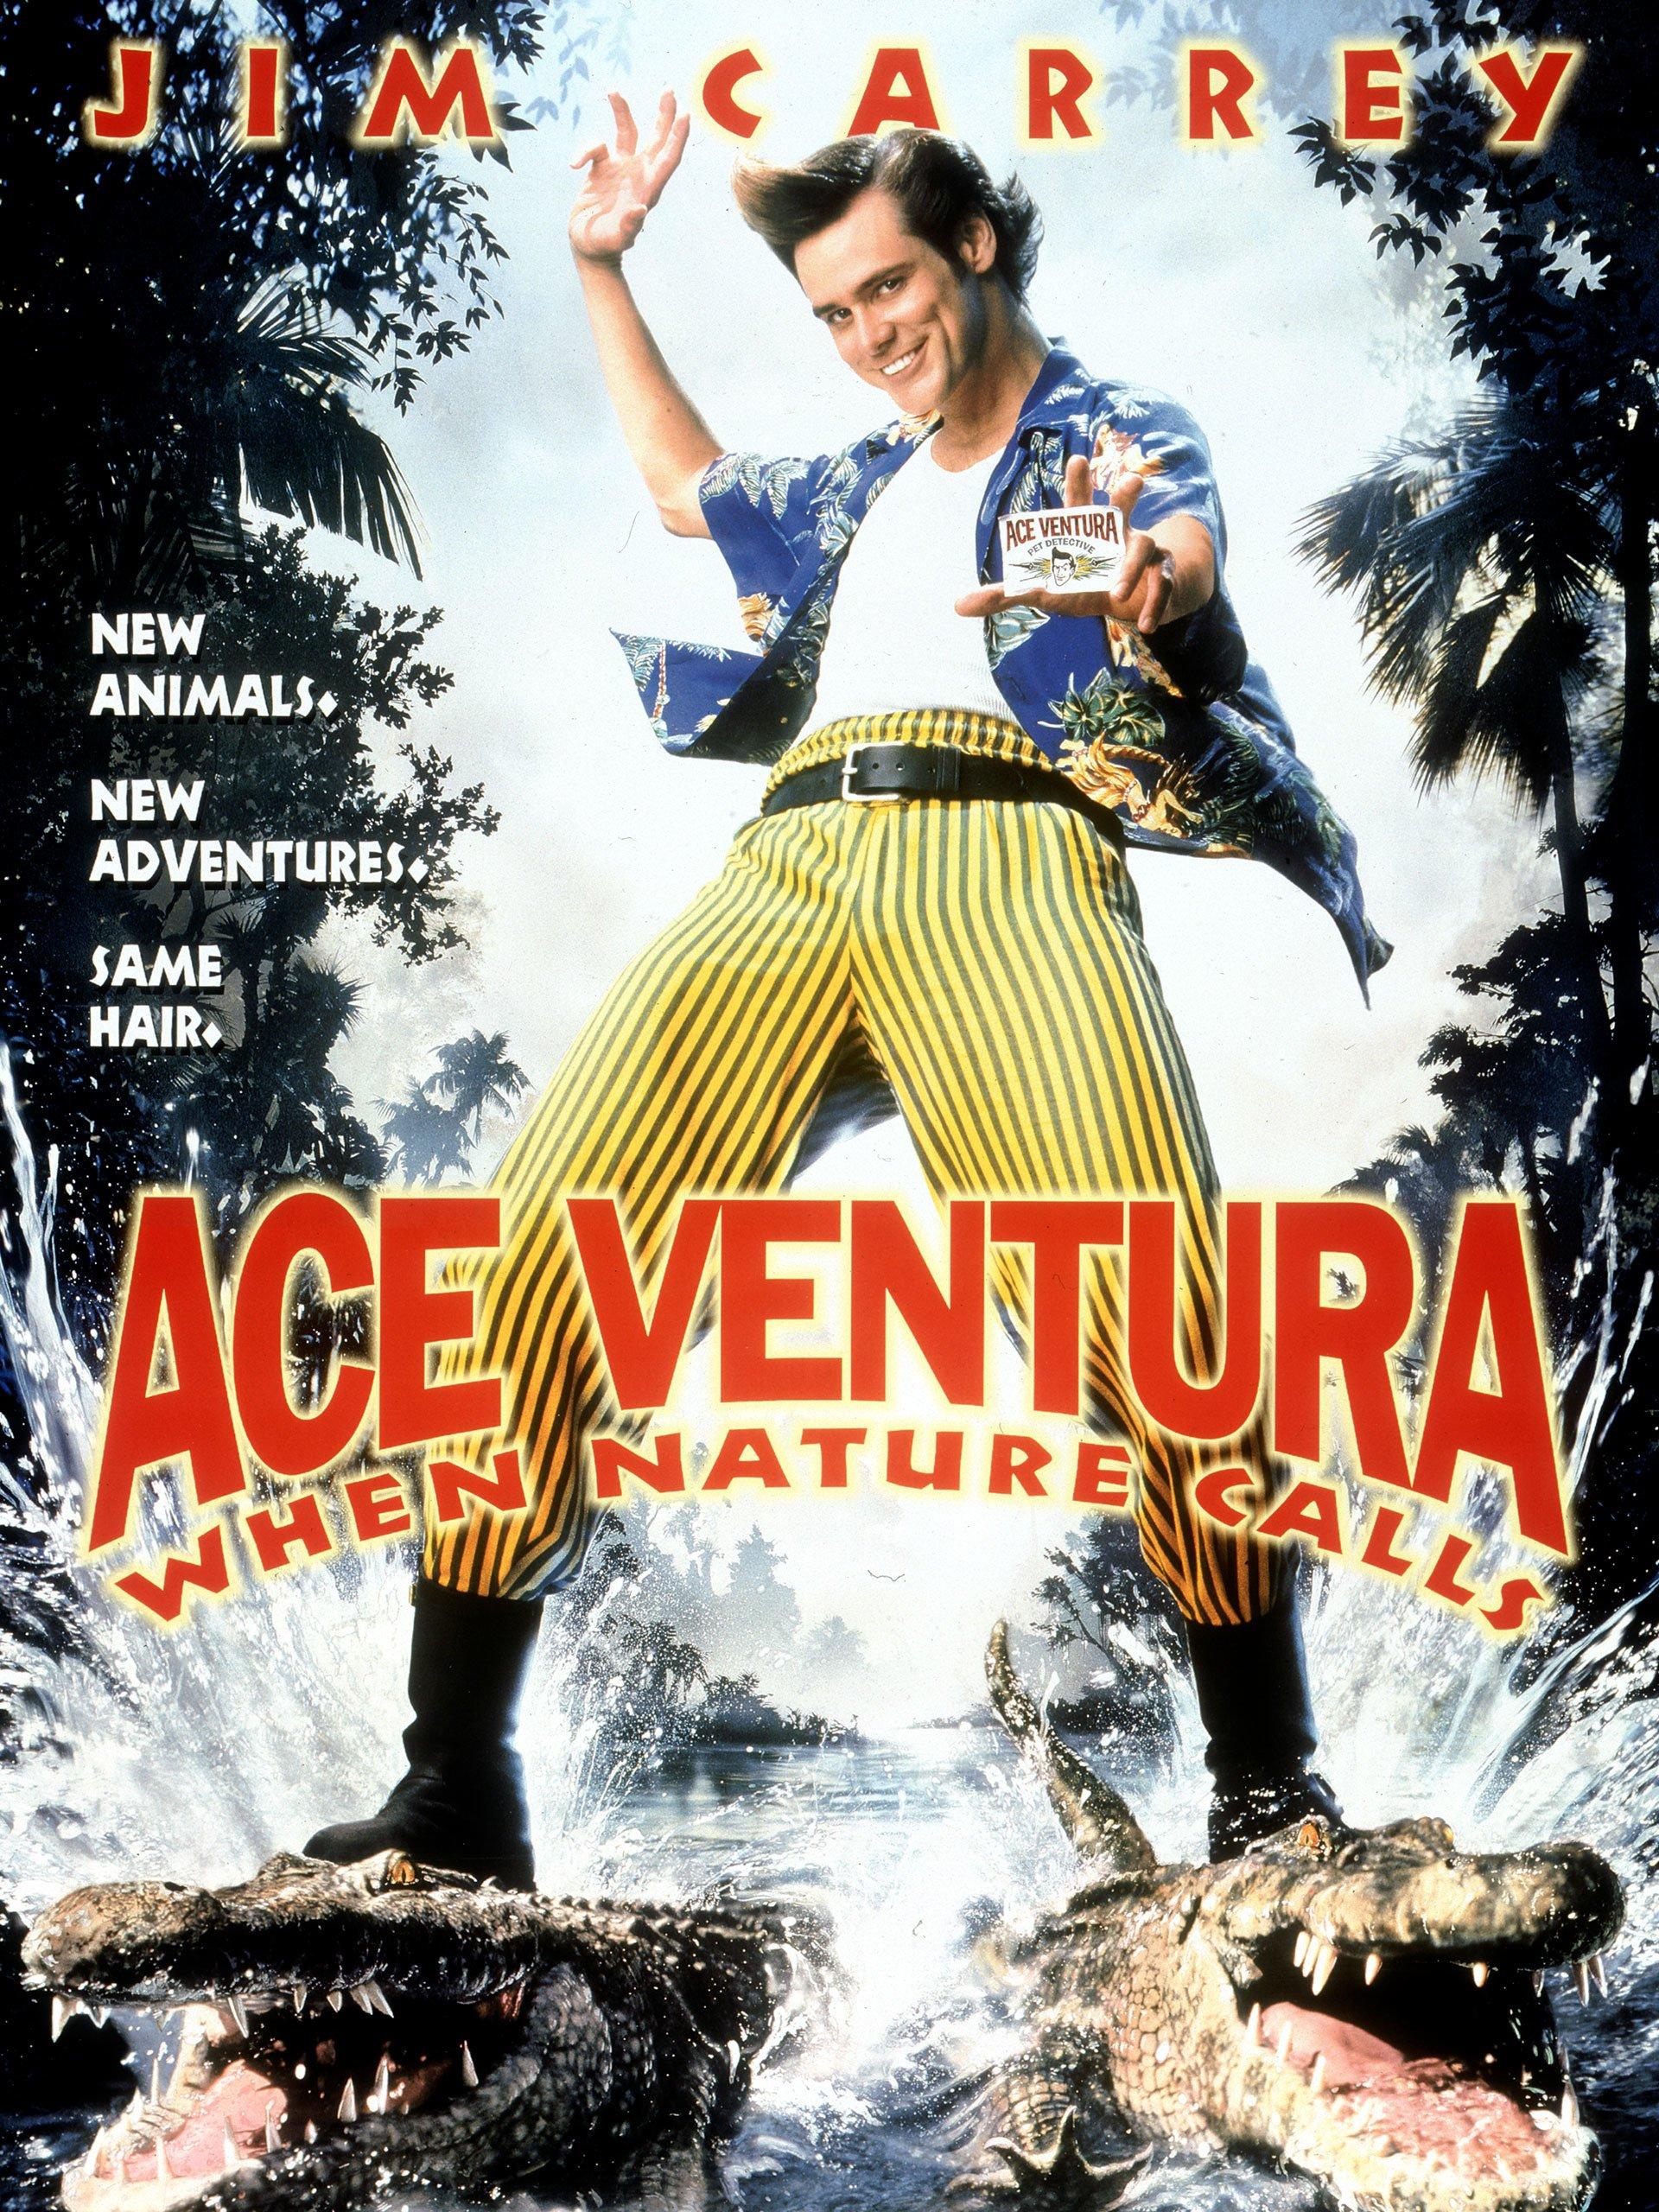 Watch Ace Ventura: Un Loco en Africa | Prime Video